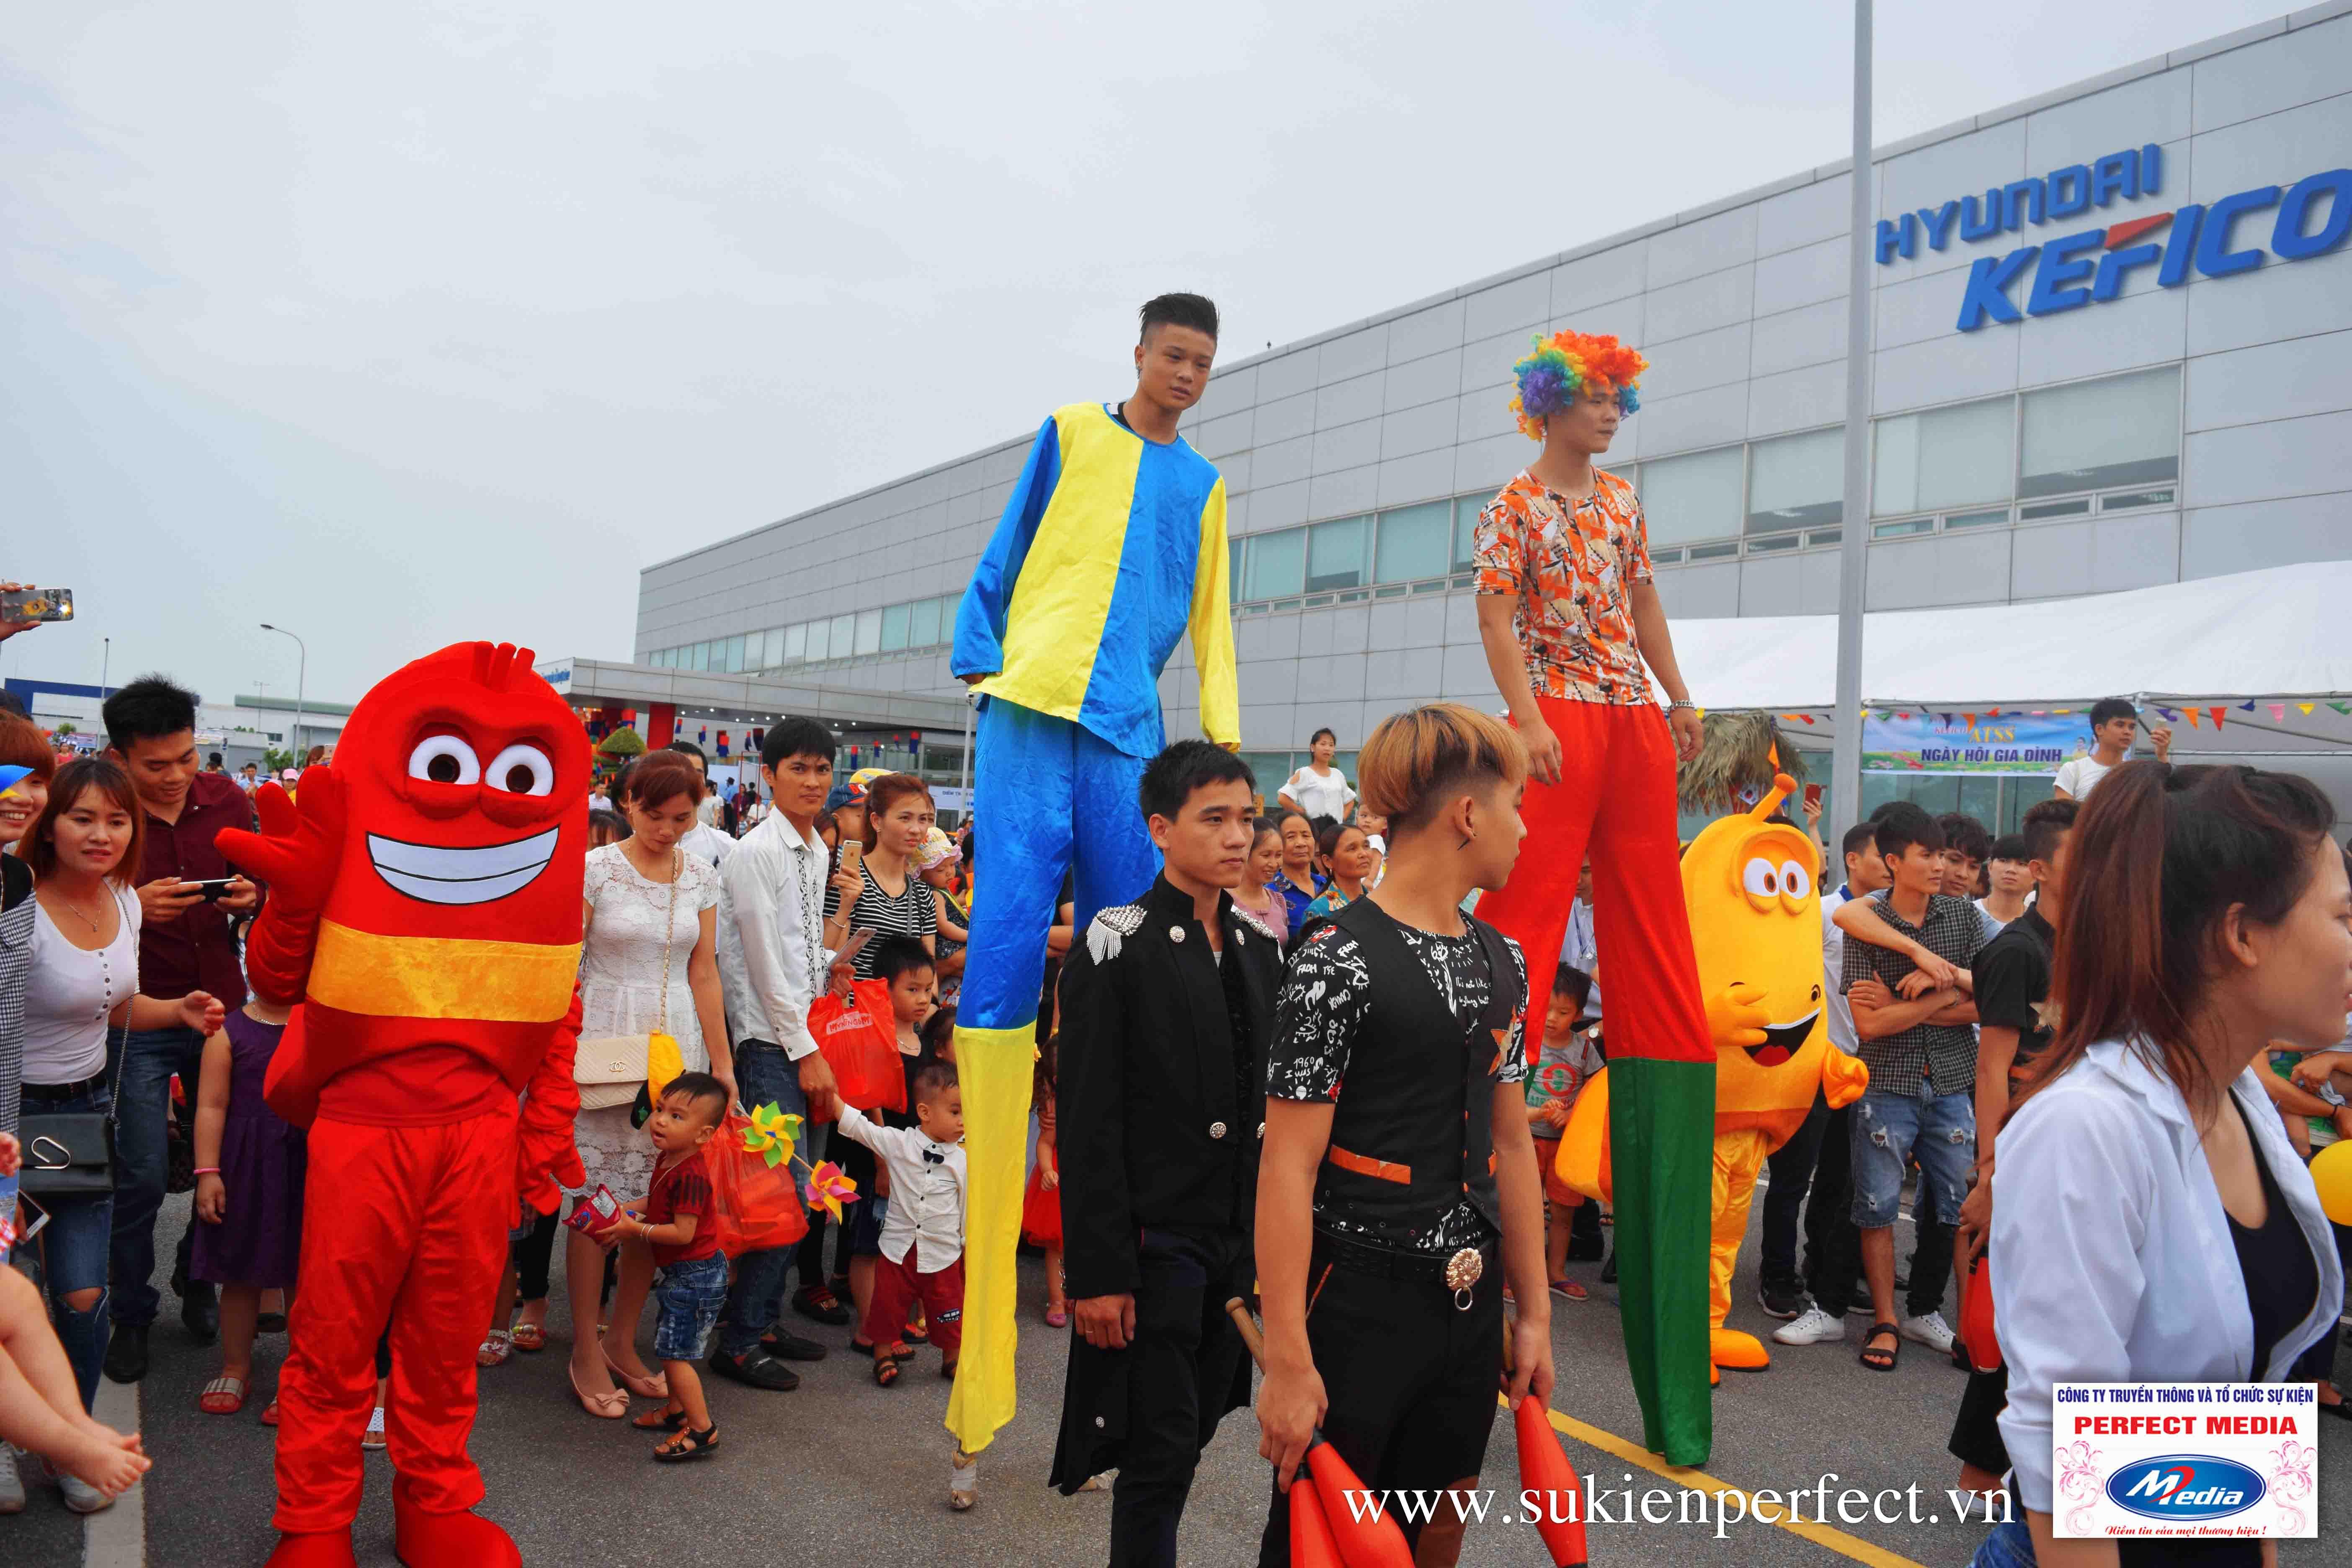 Ngày Hội Gia Đình - Festival tại Hưng yên 01